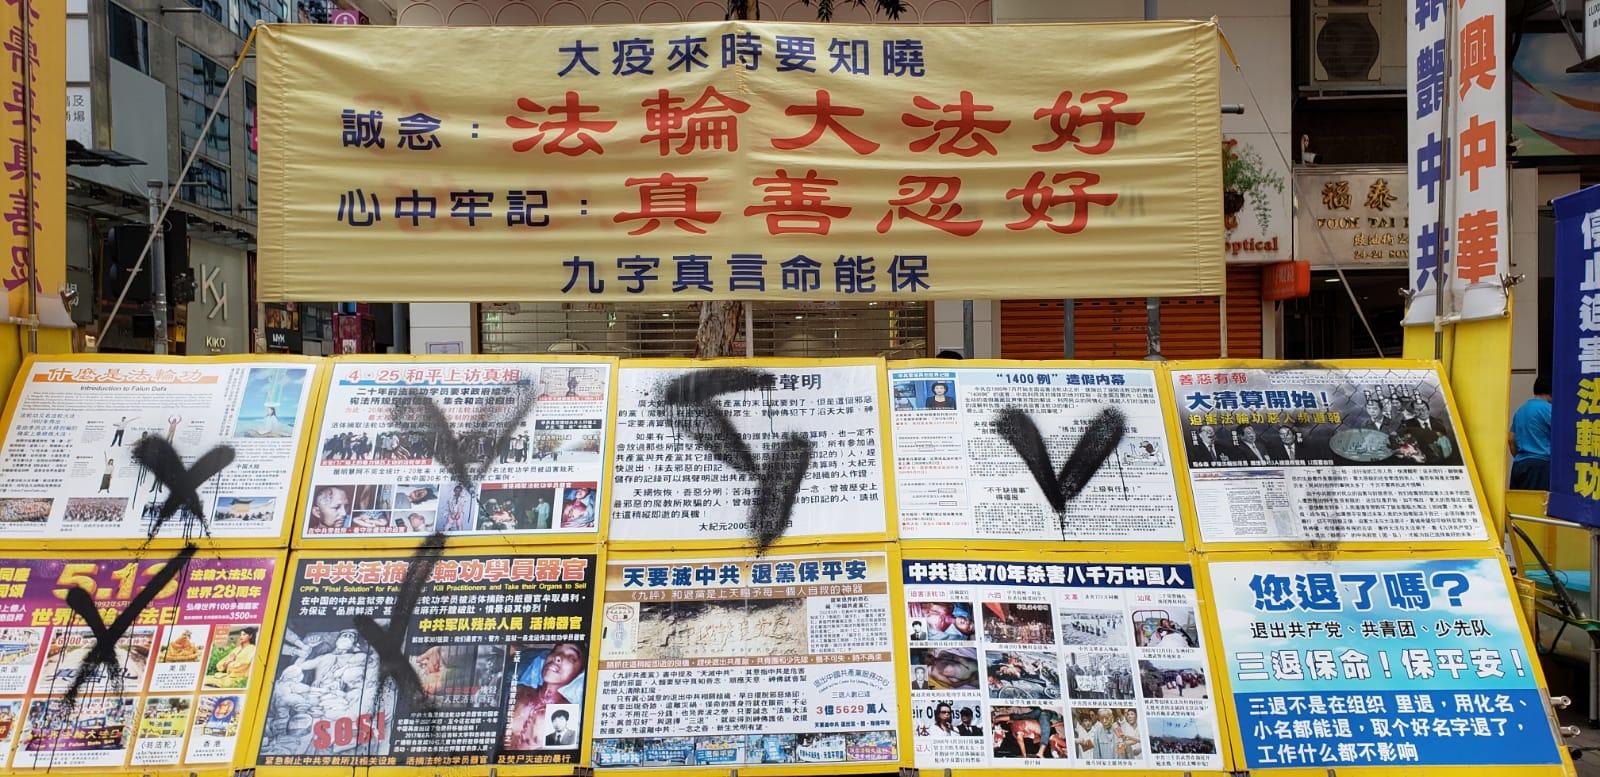 8月21日,旺角豉油街法輪功展板被人用黑墨塗污。(受訪者提供)